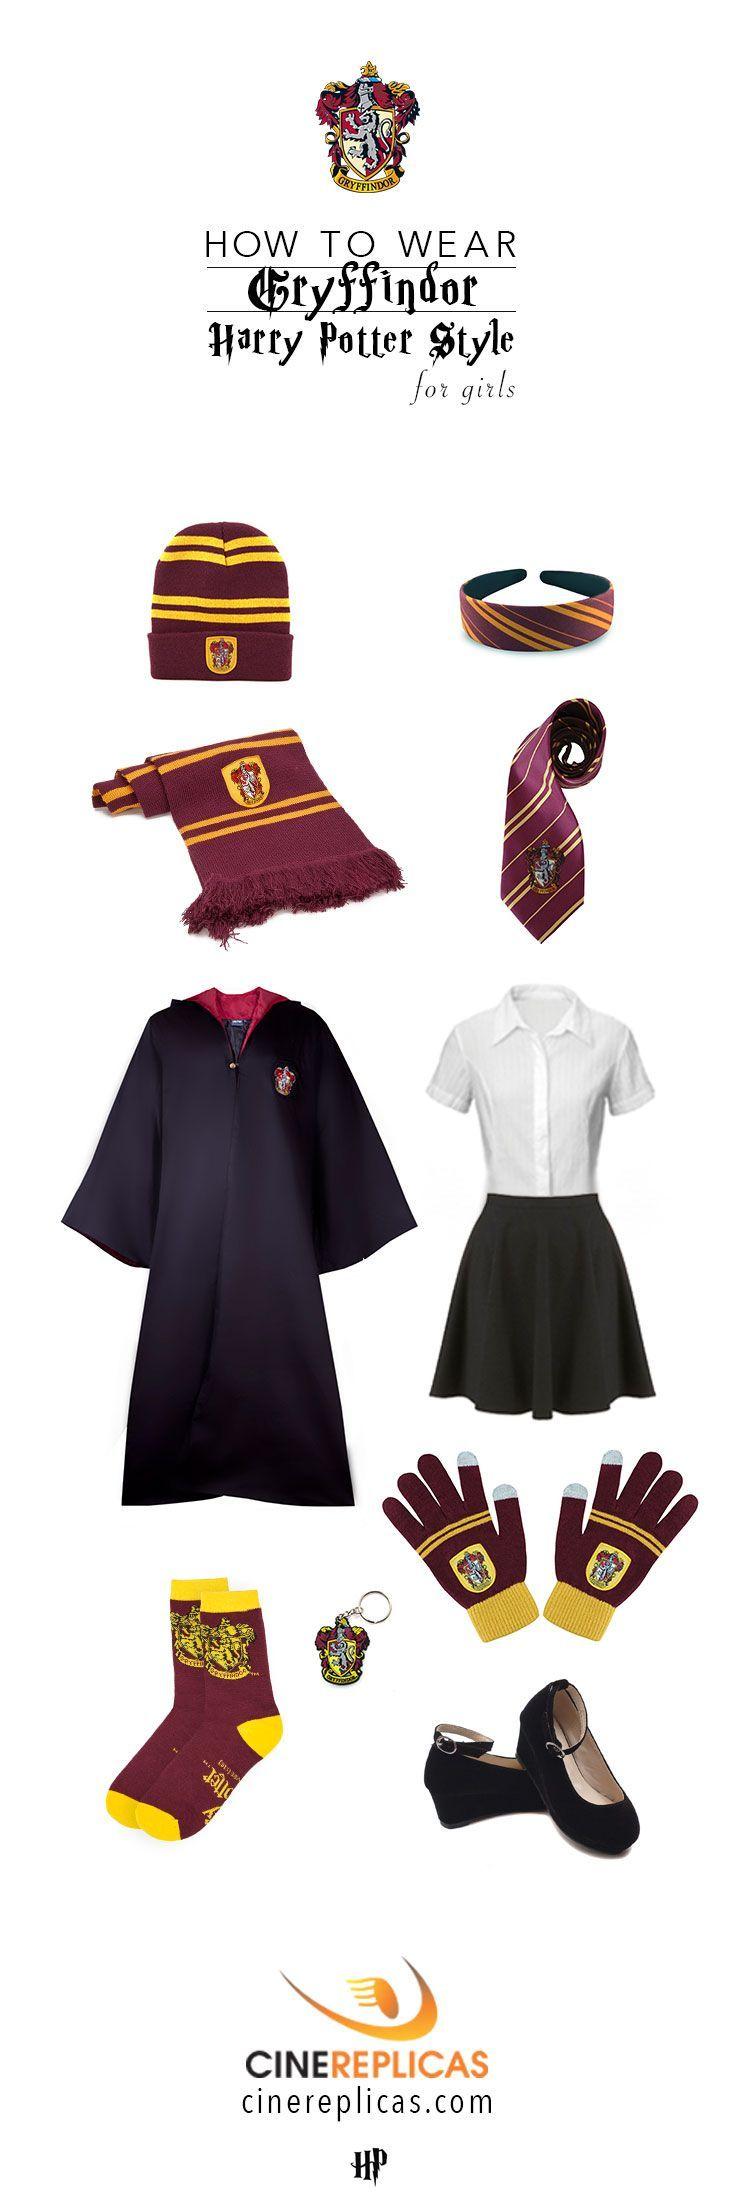 Gryffindor Uniform For Girls Harrypotter Gryffindor Www Cinereplicas Com Harry Potter Outfits Gryffindor Harry Potter Outfits Harry Potter Costume